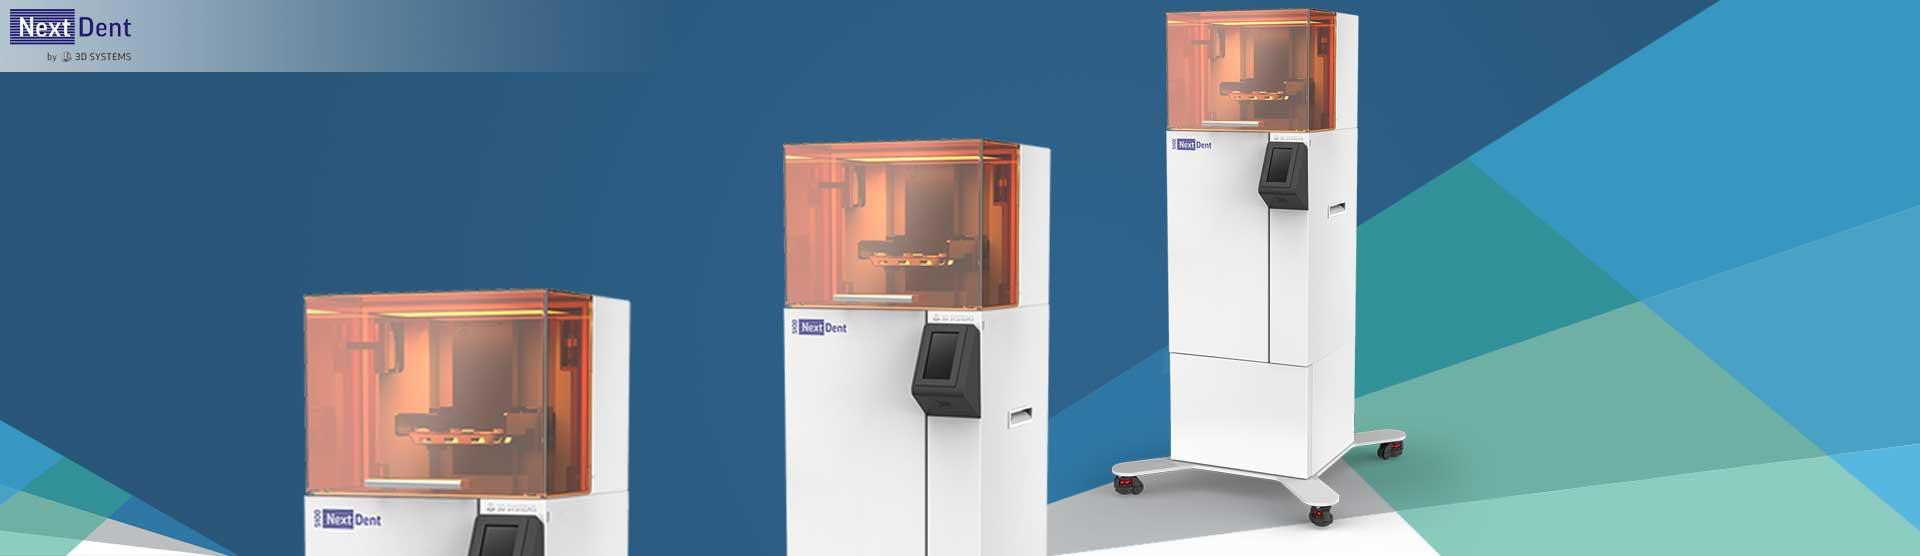 3D tiskalnik NextDent™ 5100